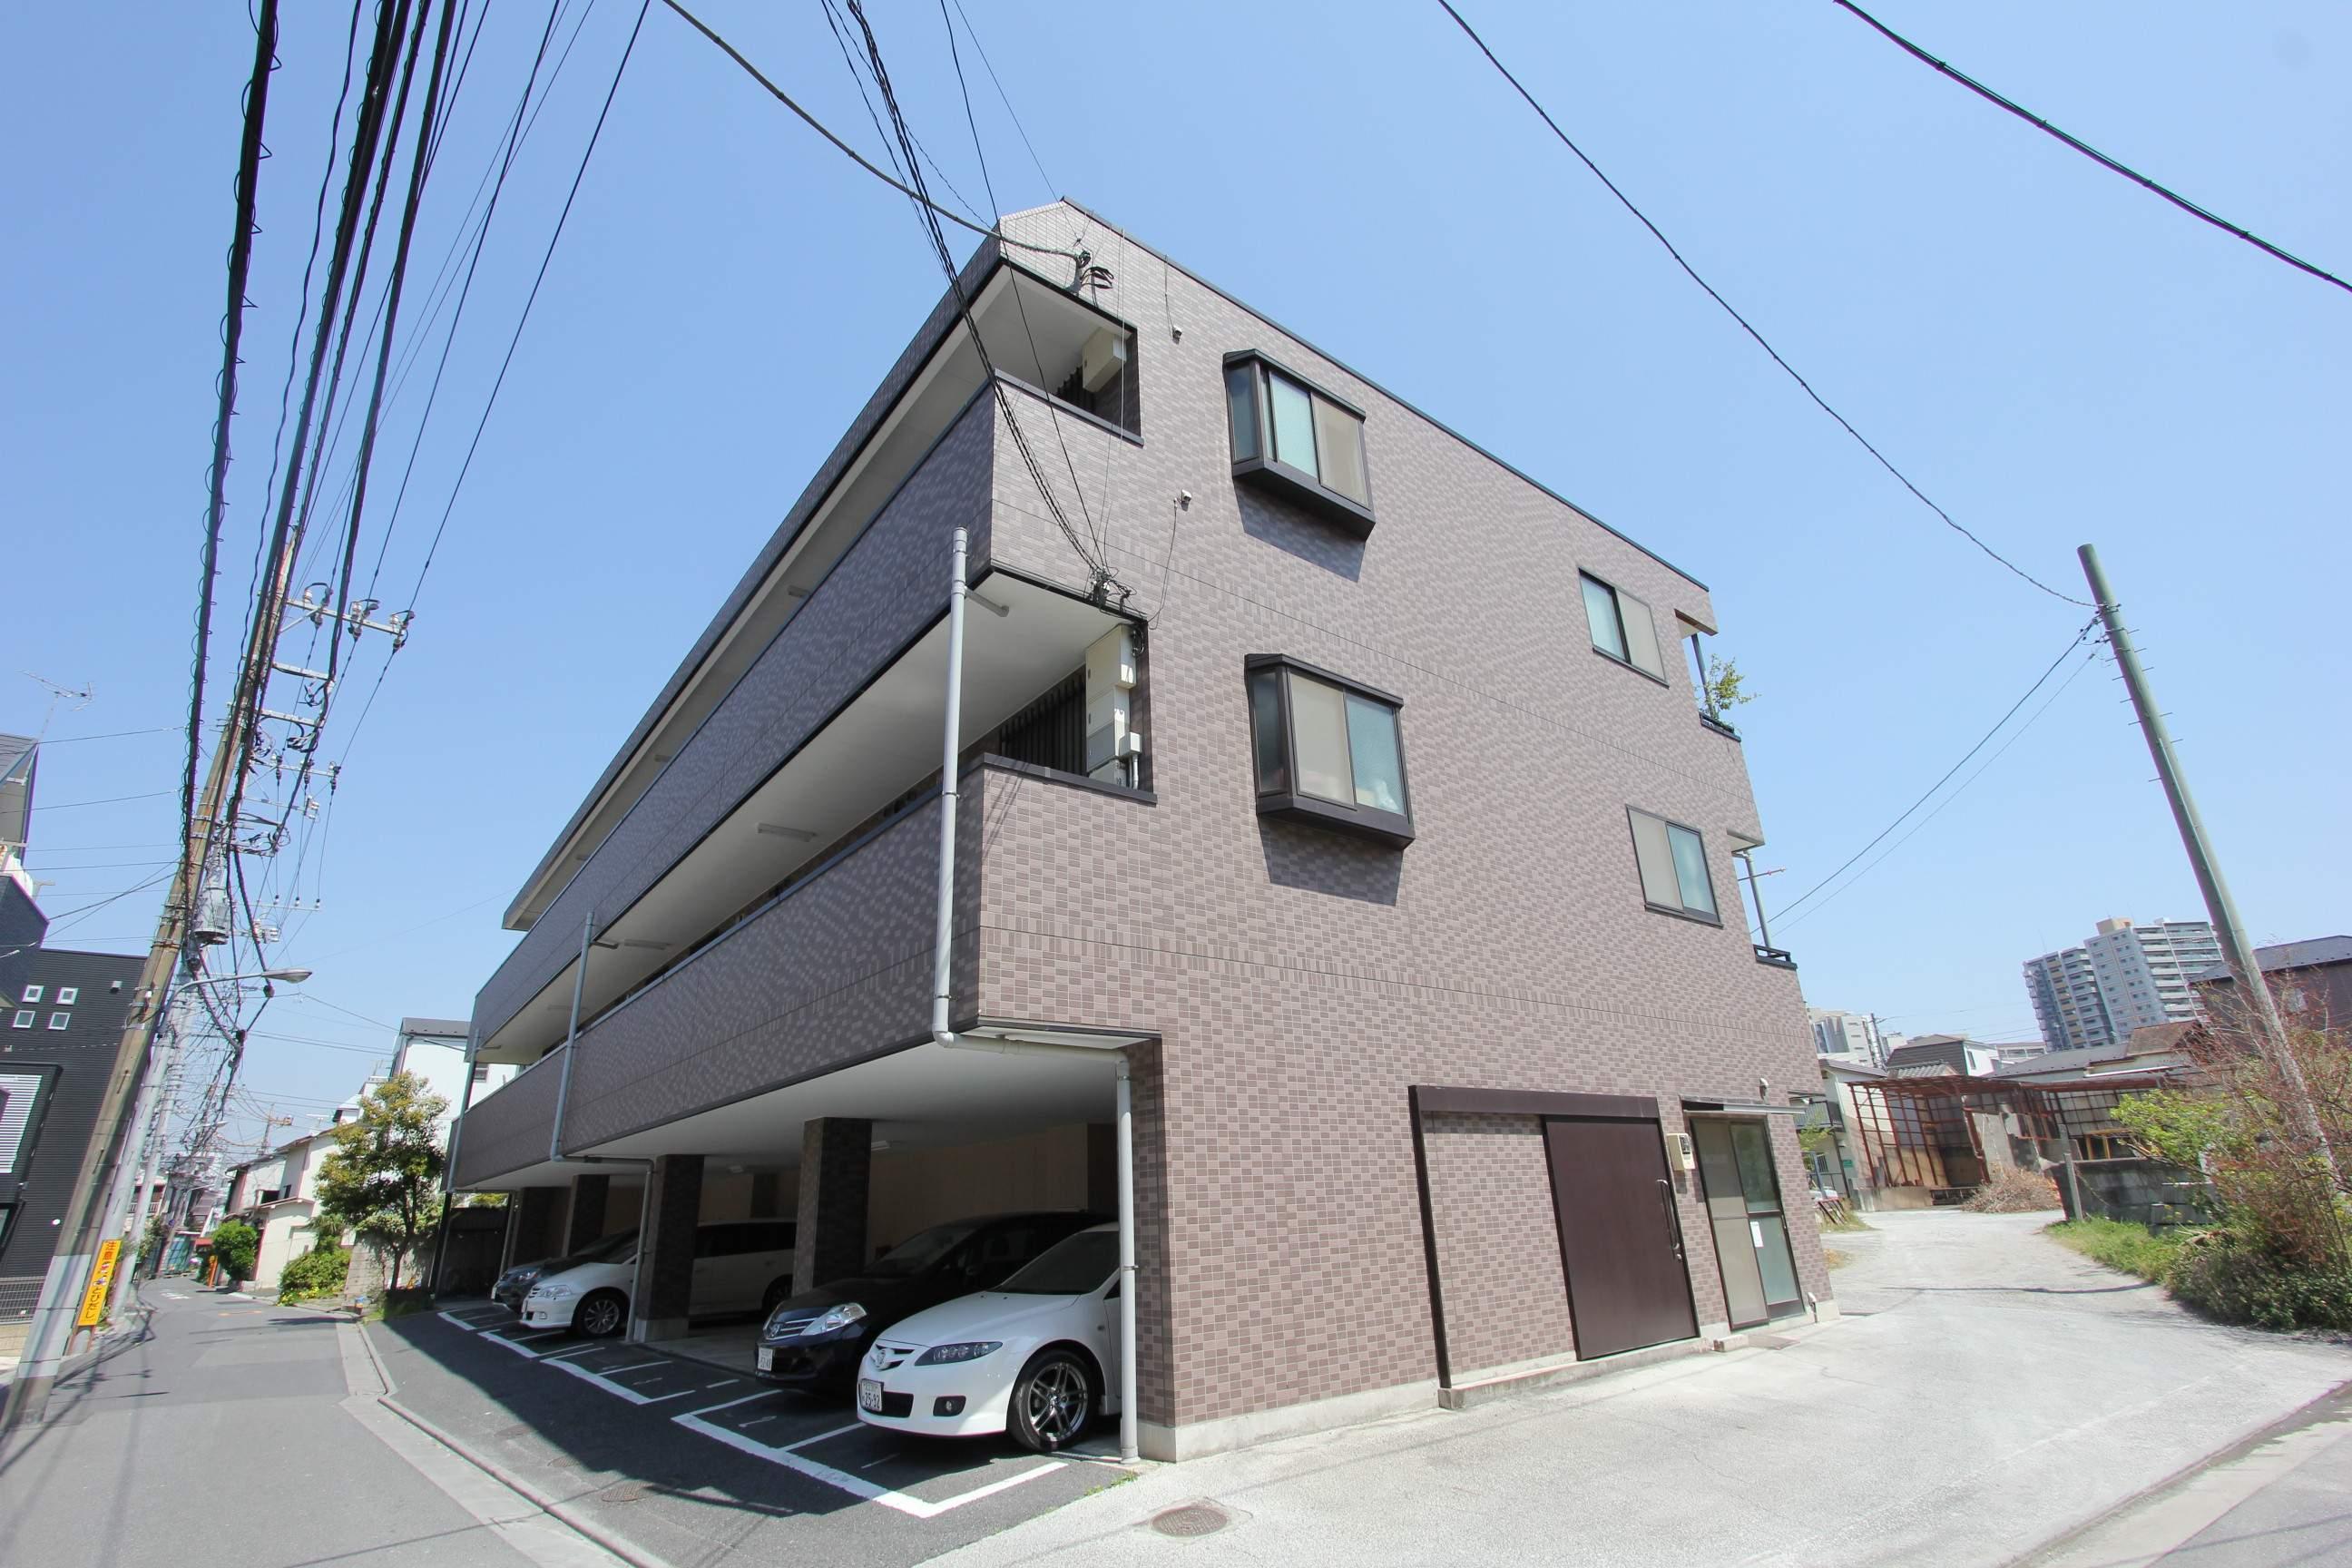 東京都江戸川区、平井駅徒歩13分の築16年 3階建の賃貸マンション